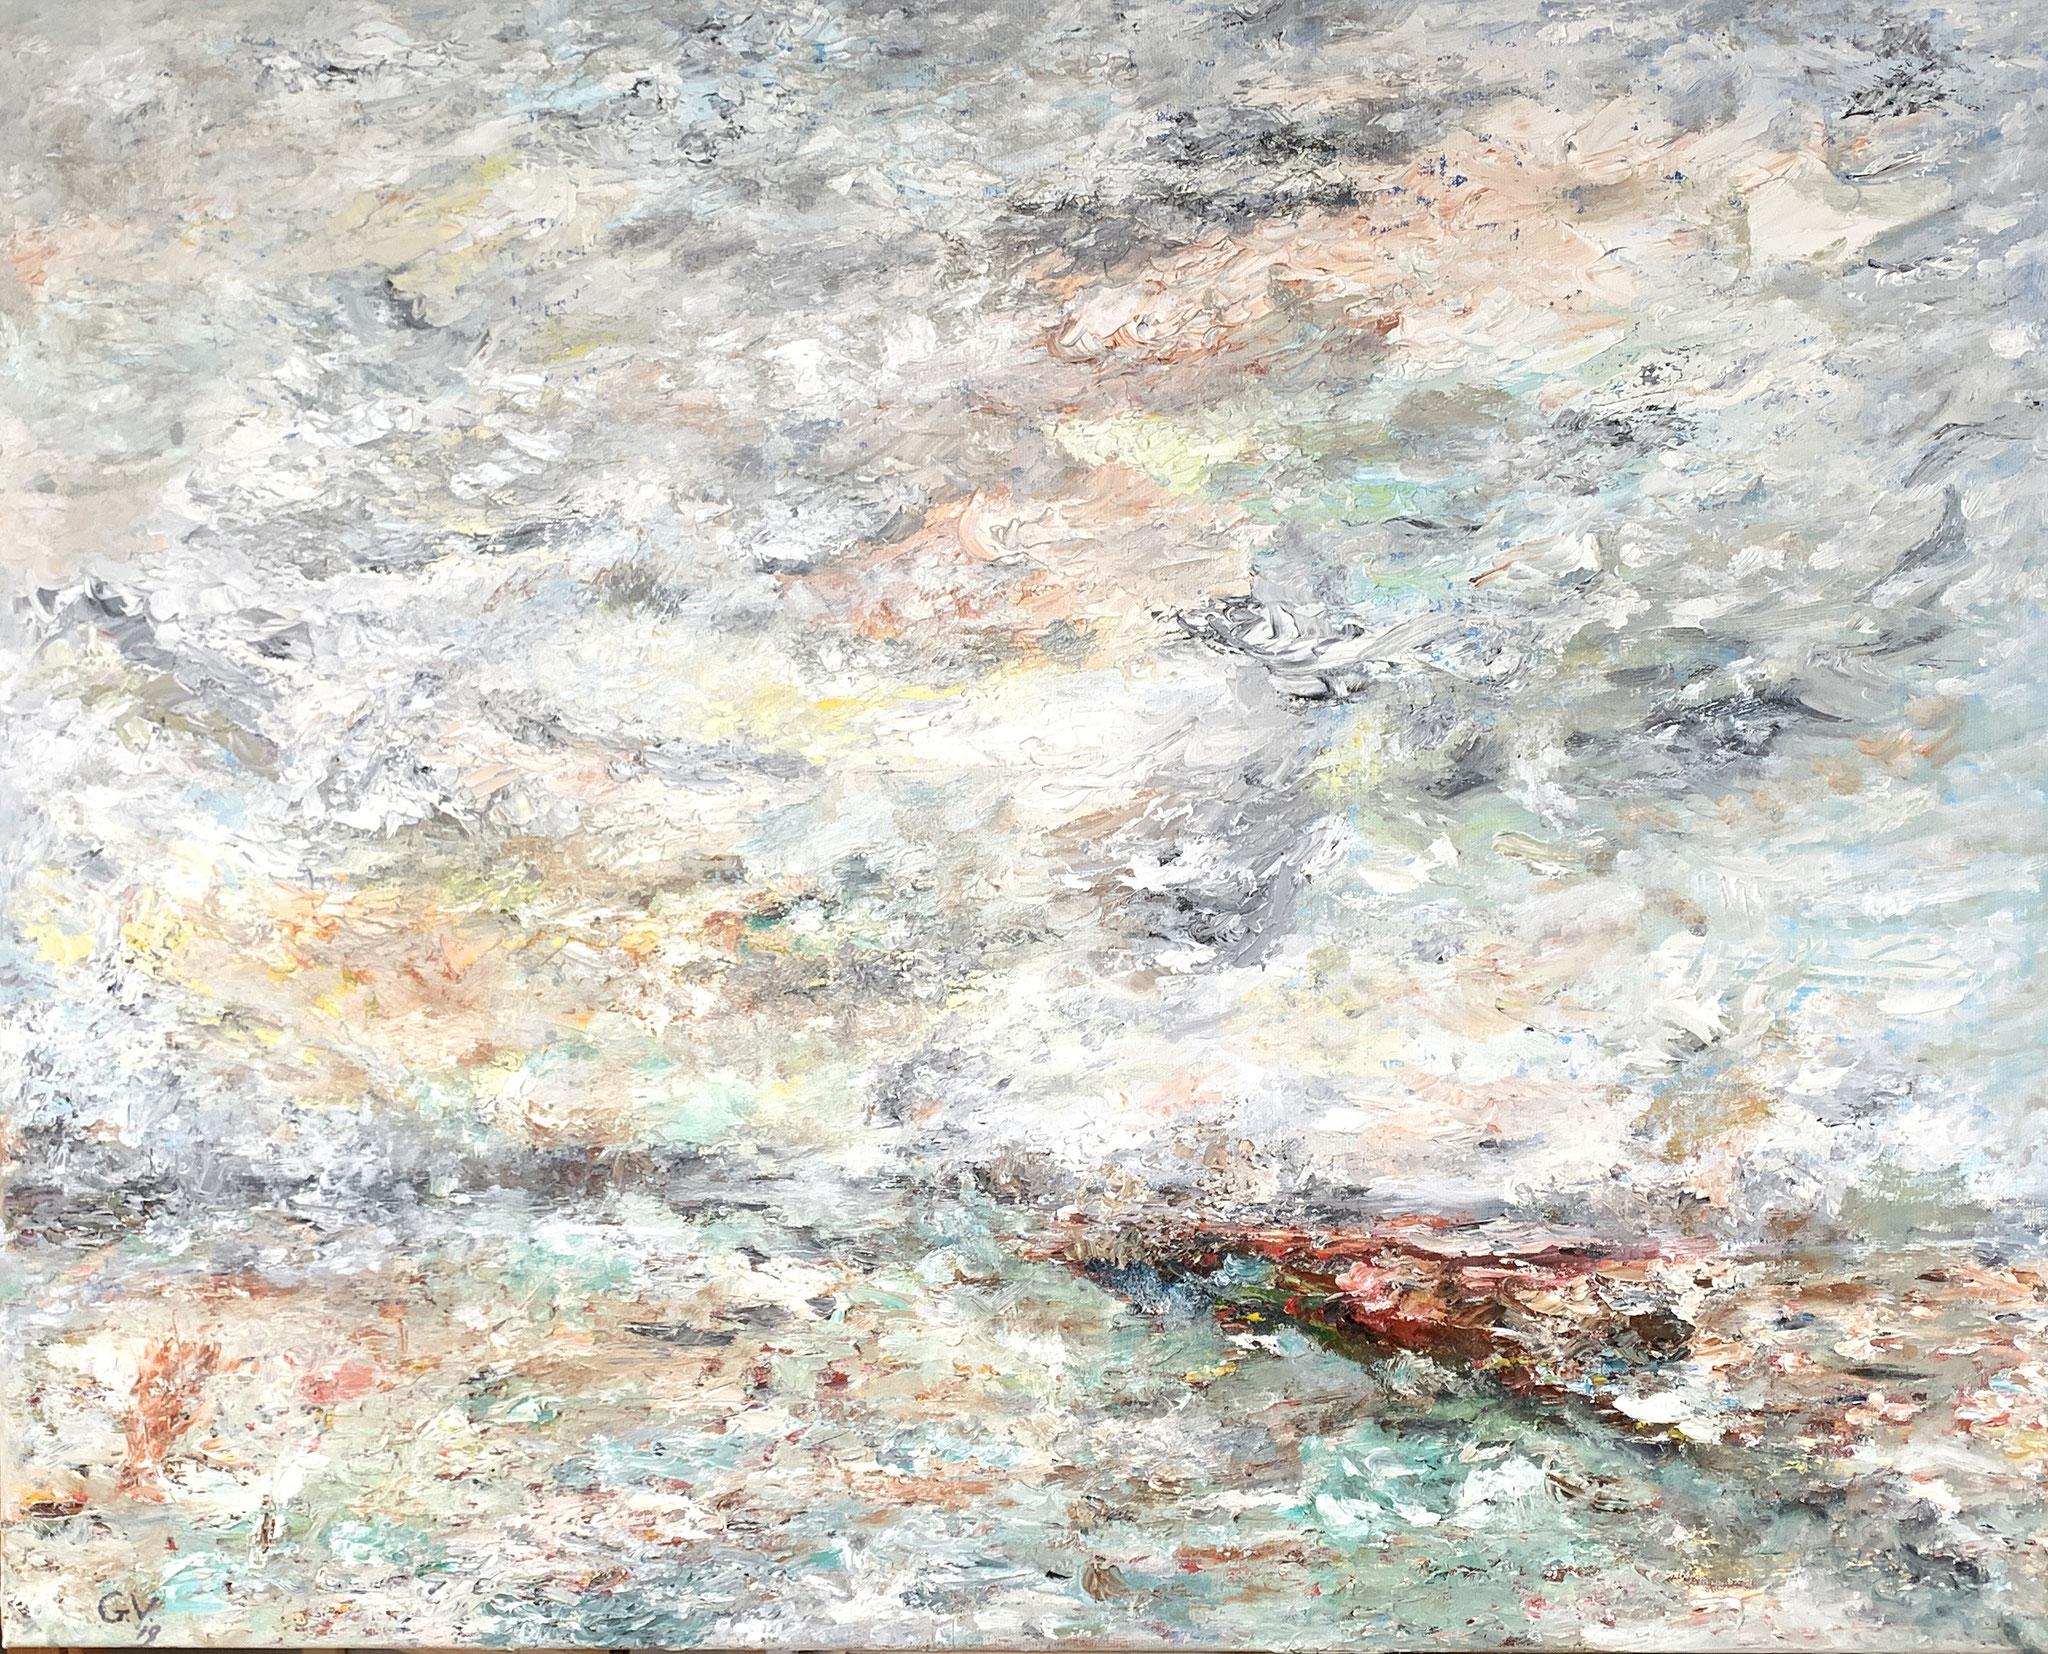 Seascape 20 - 100 x 80 cm